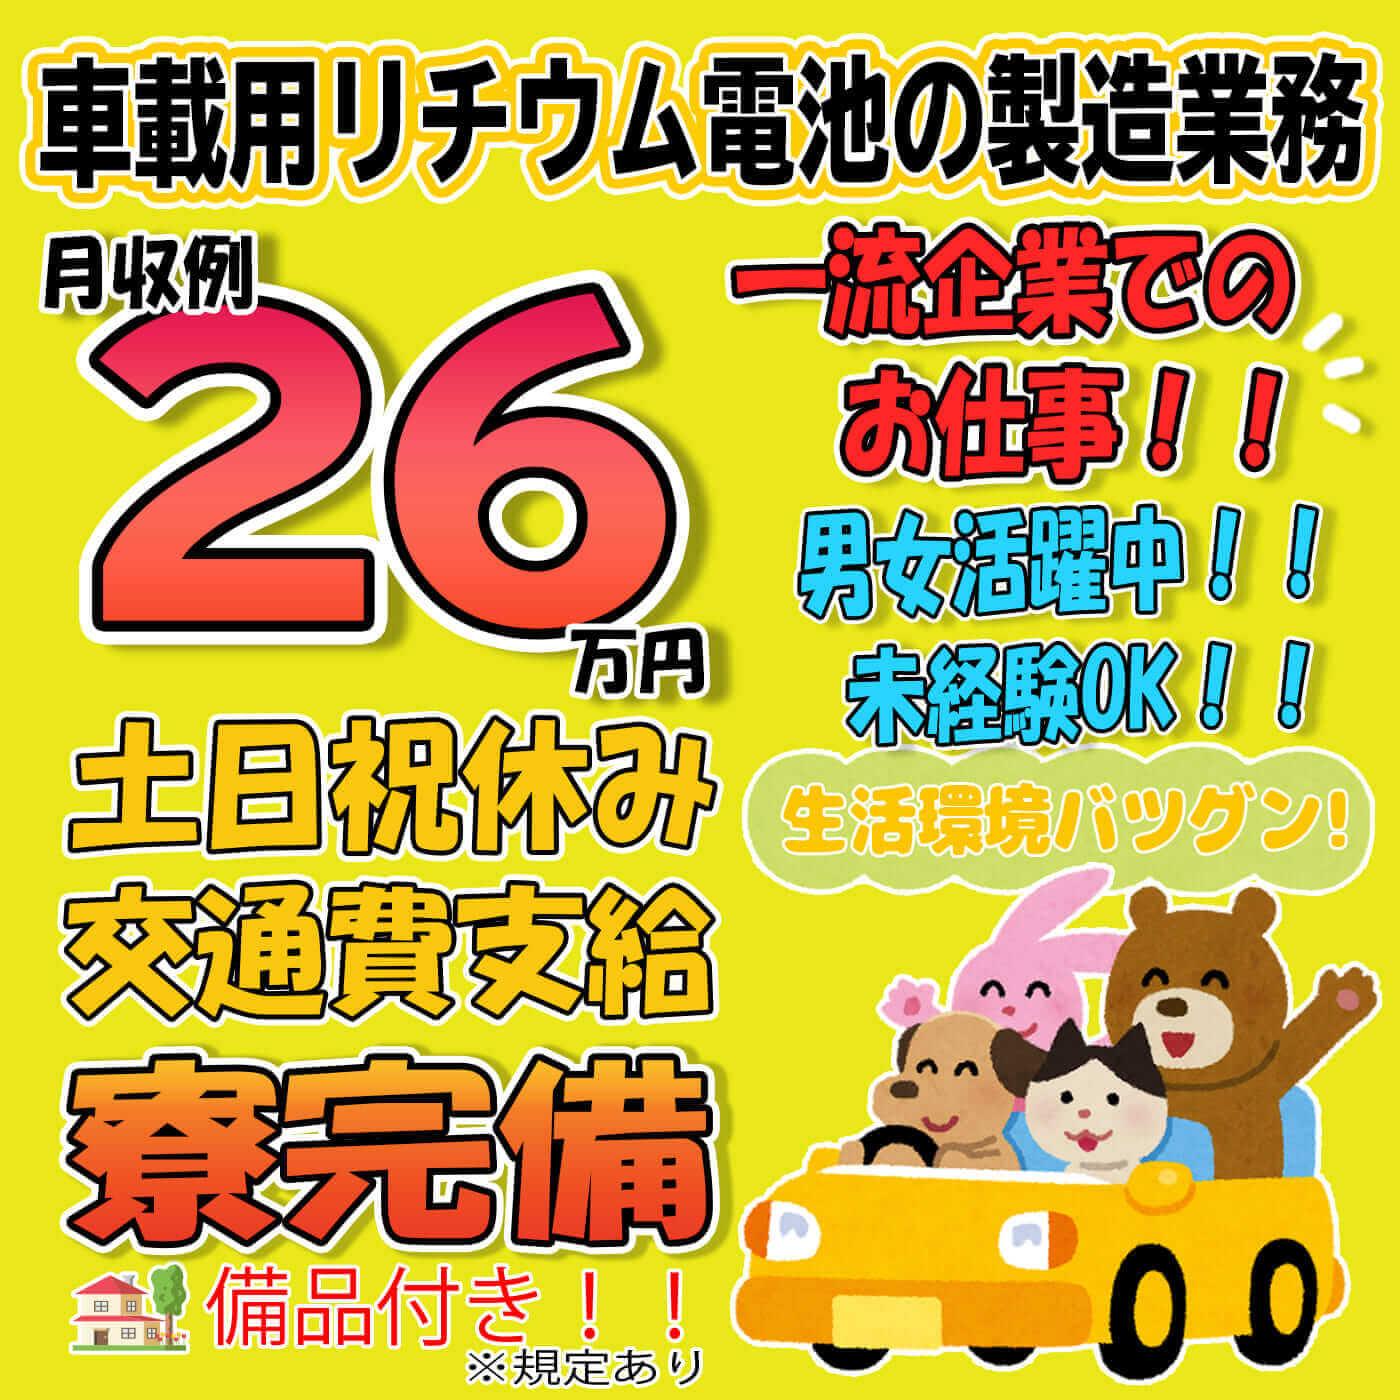 Himejish16i main4